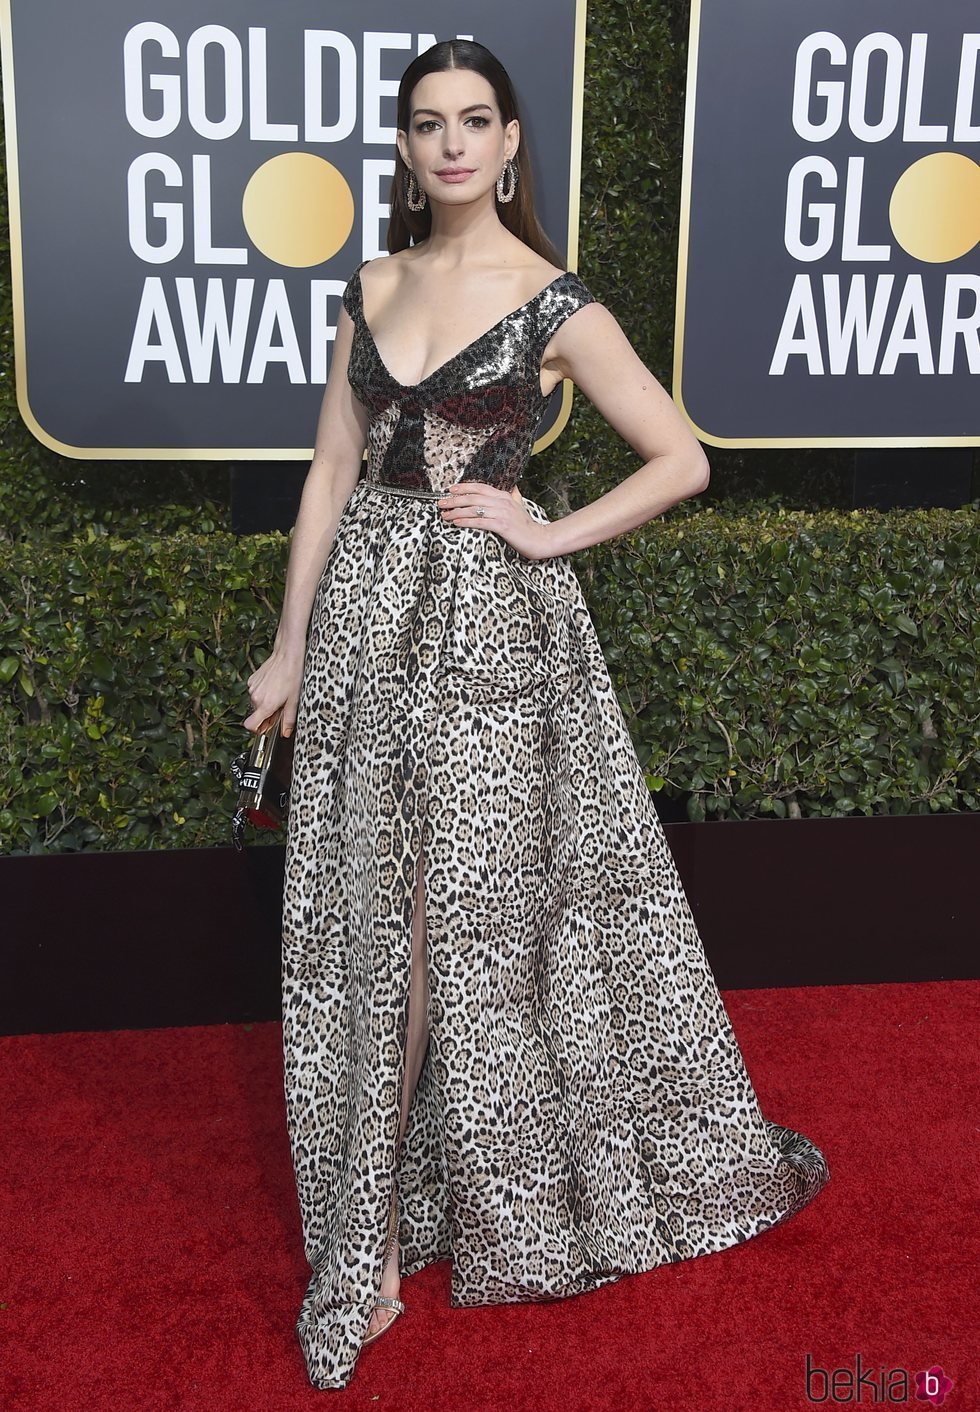 Anne Hathaway en la alfombra roja de los Globos de Oro 2019